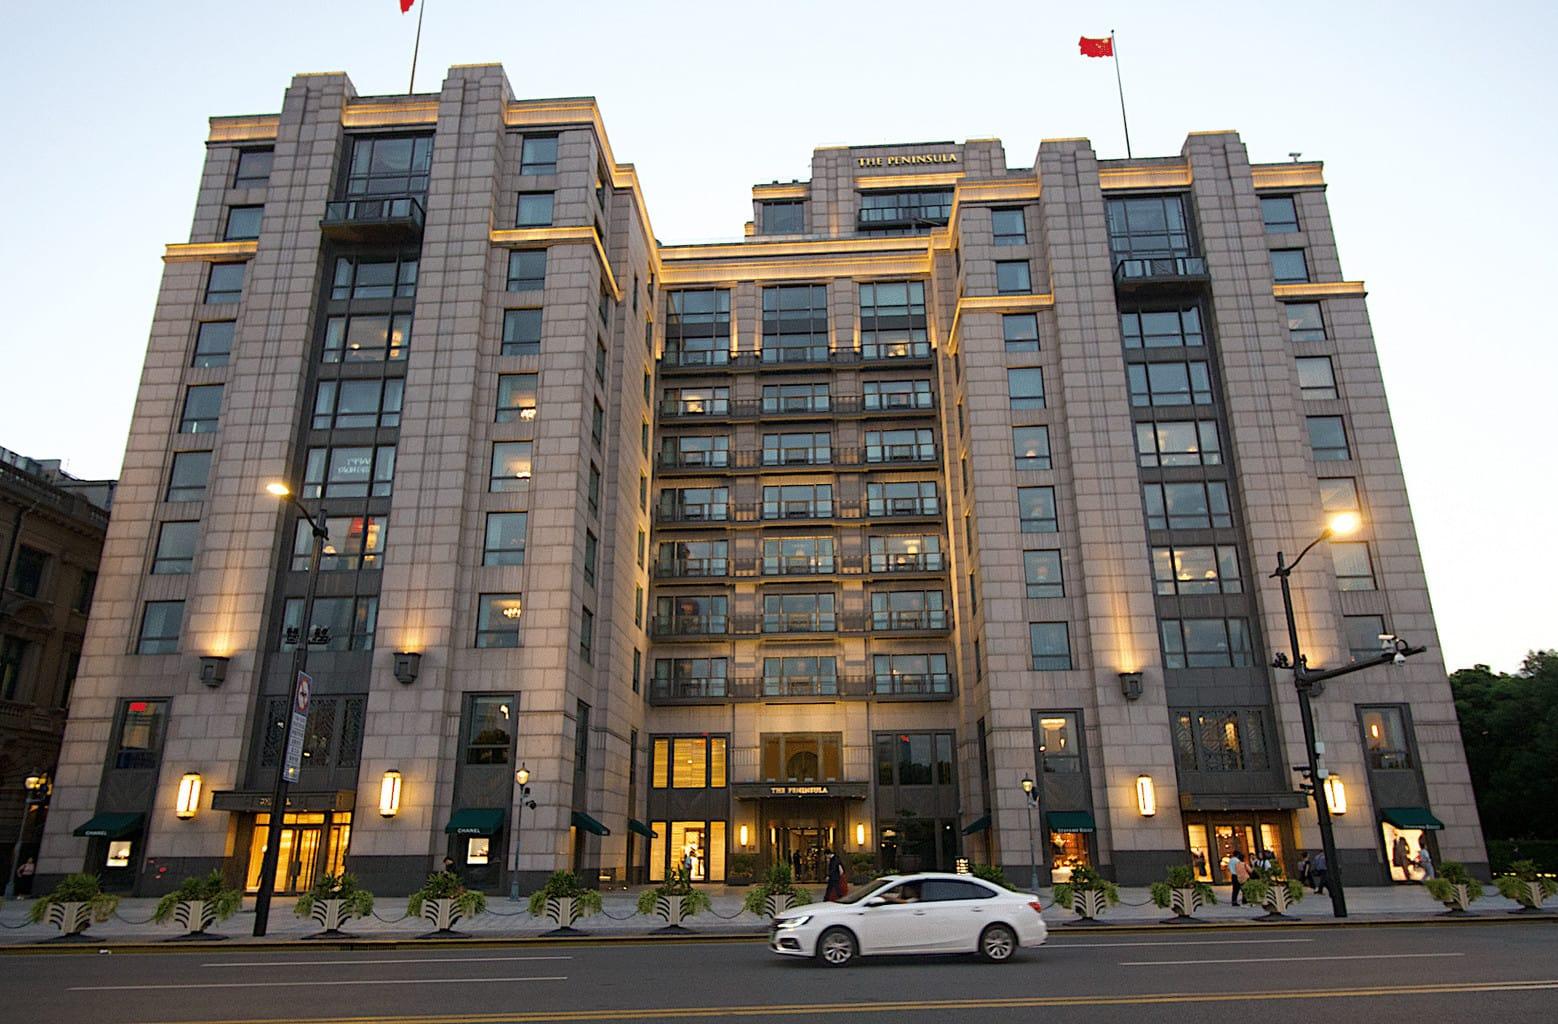 The facade of The Peninsula Shanghai